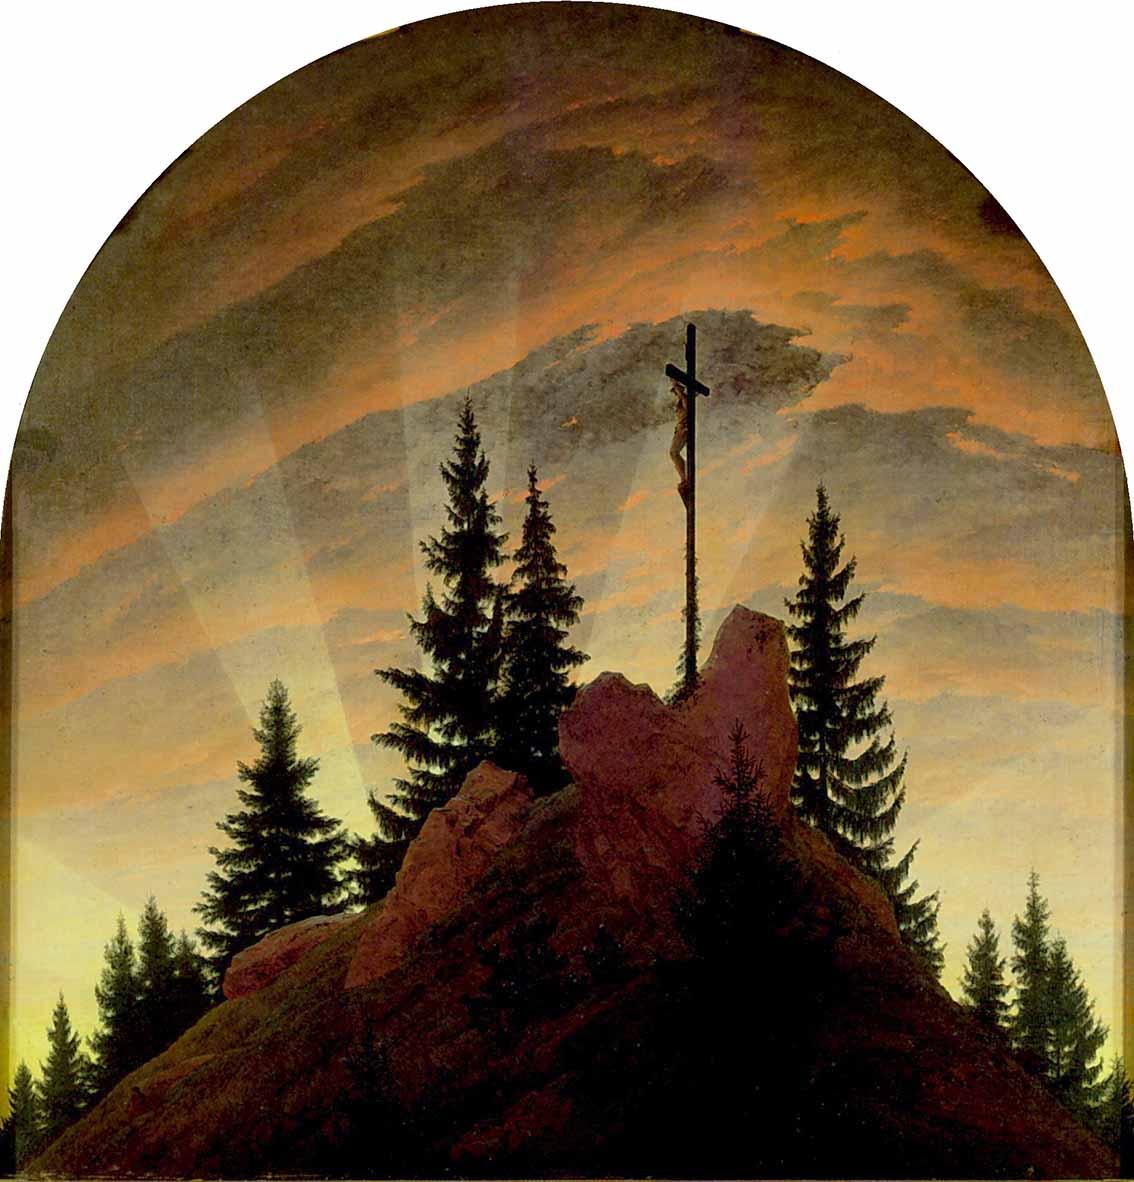 Caspar David Friedrich: paisajes alegóricos Artes & contextos Caspar David Friedrich   Das Kreuz im Gebirge